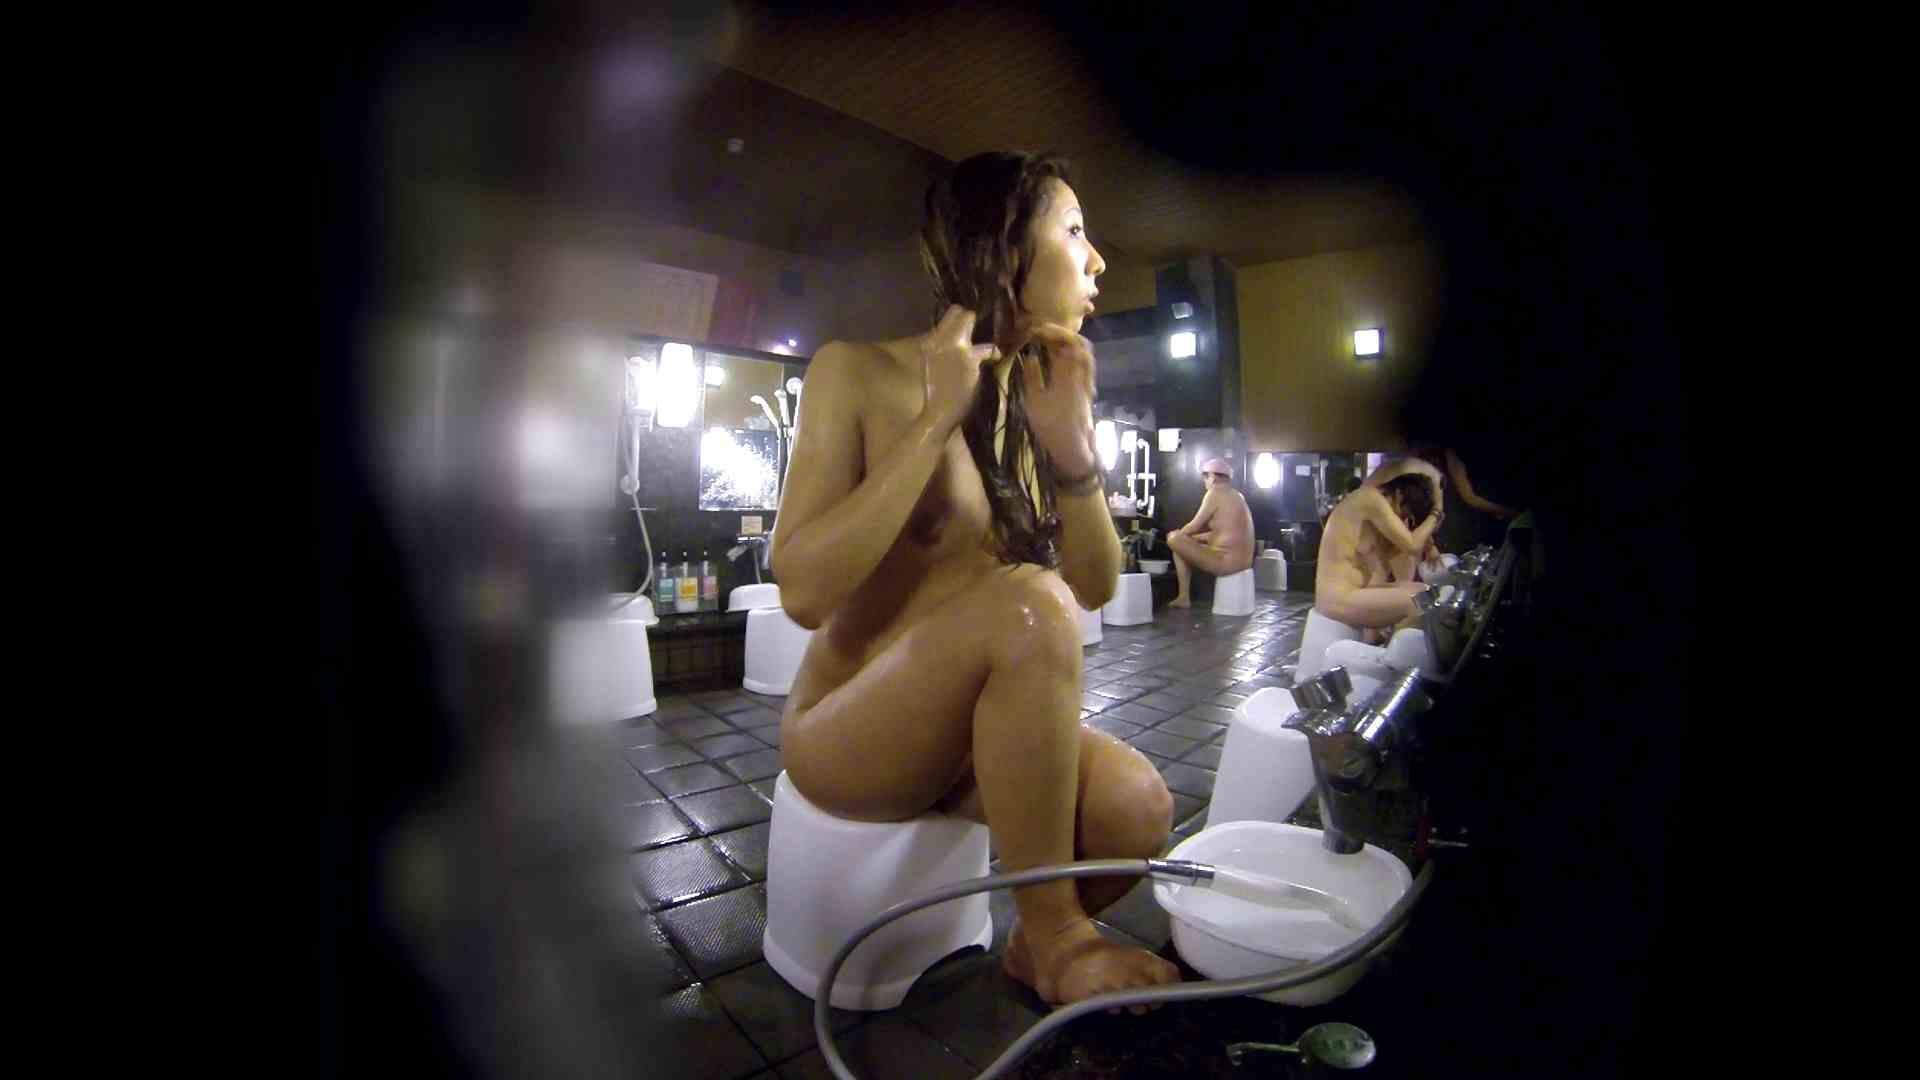 洗い場!綺麗に整えられた陰毛に嫉妬します。 美乳 SEX無修正画像 63画像 16